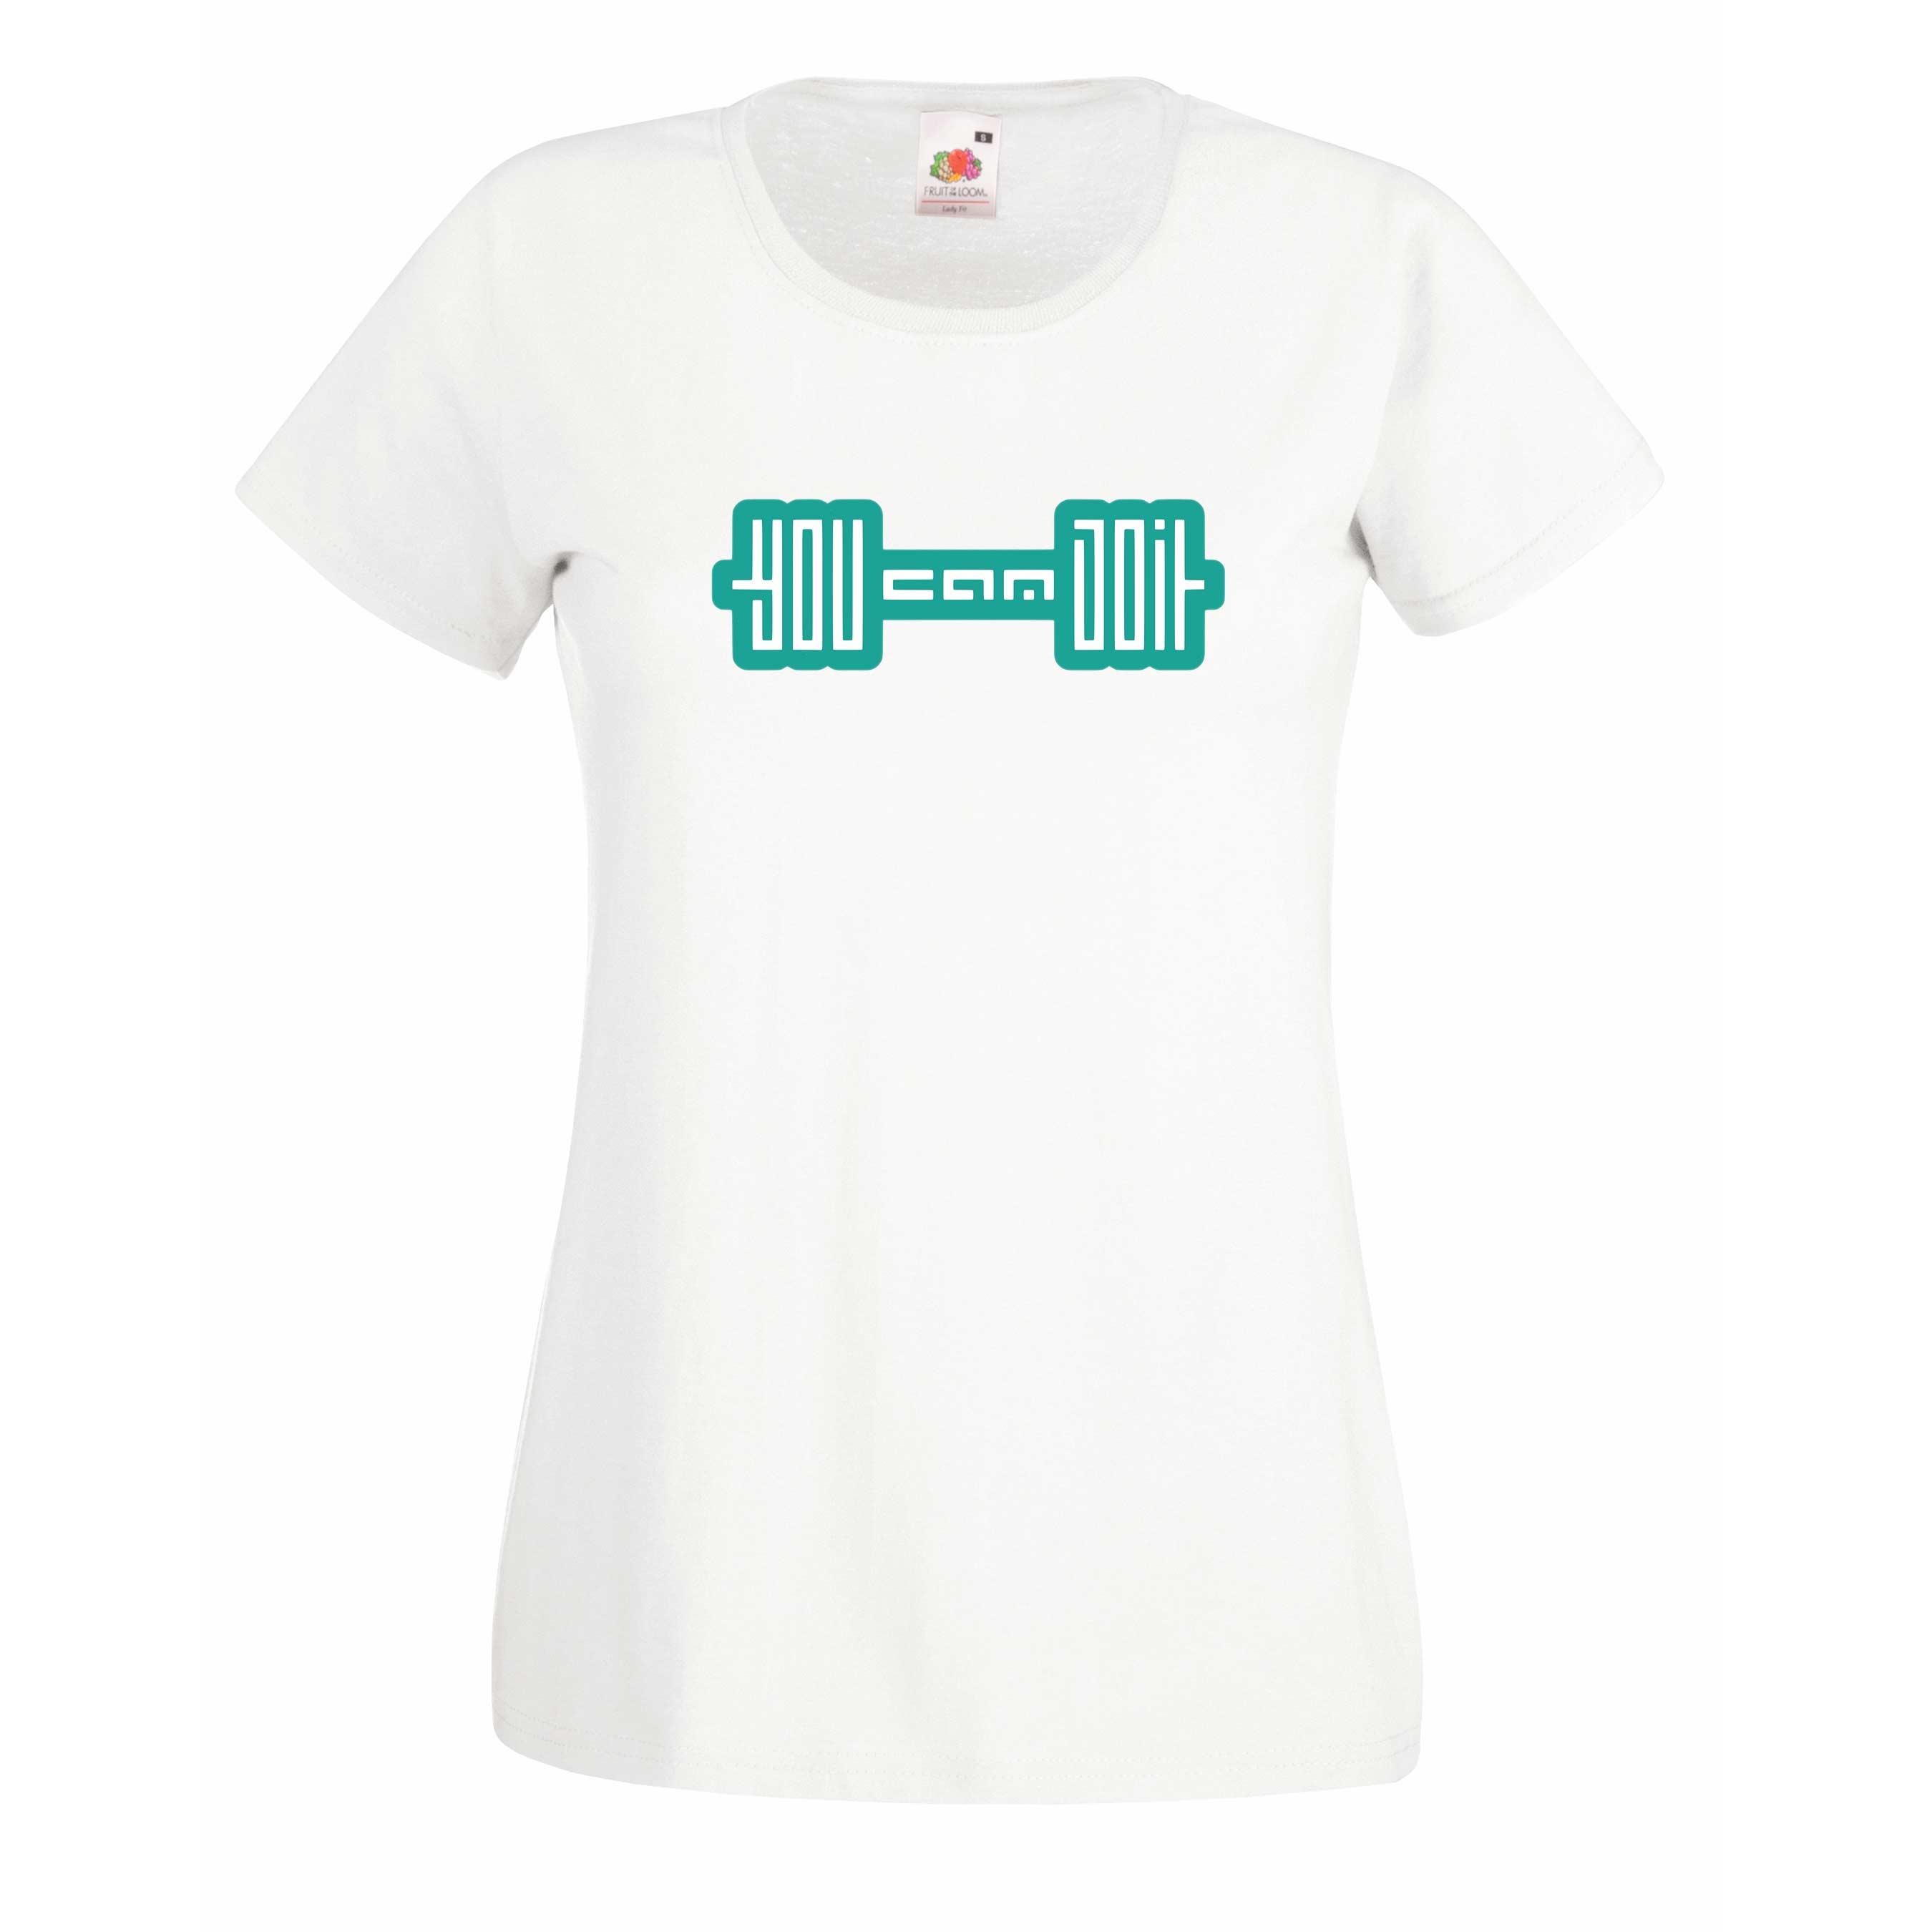 You Can Do It design for t-shirt, hoodie & sweatshirt